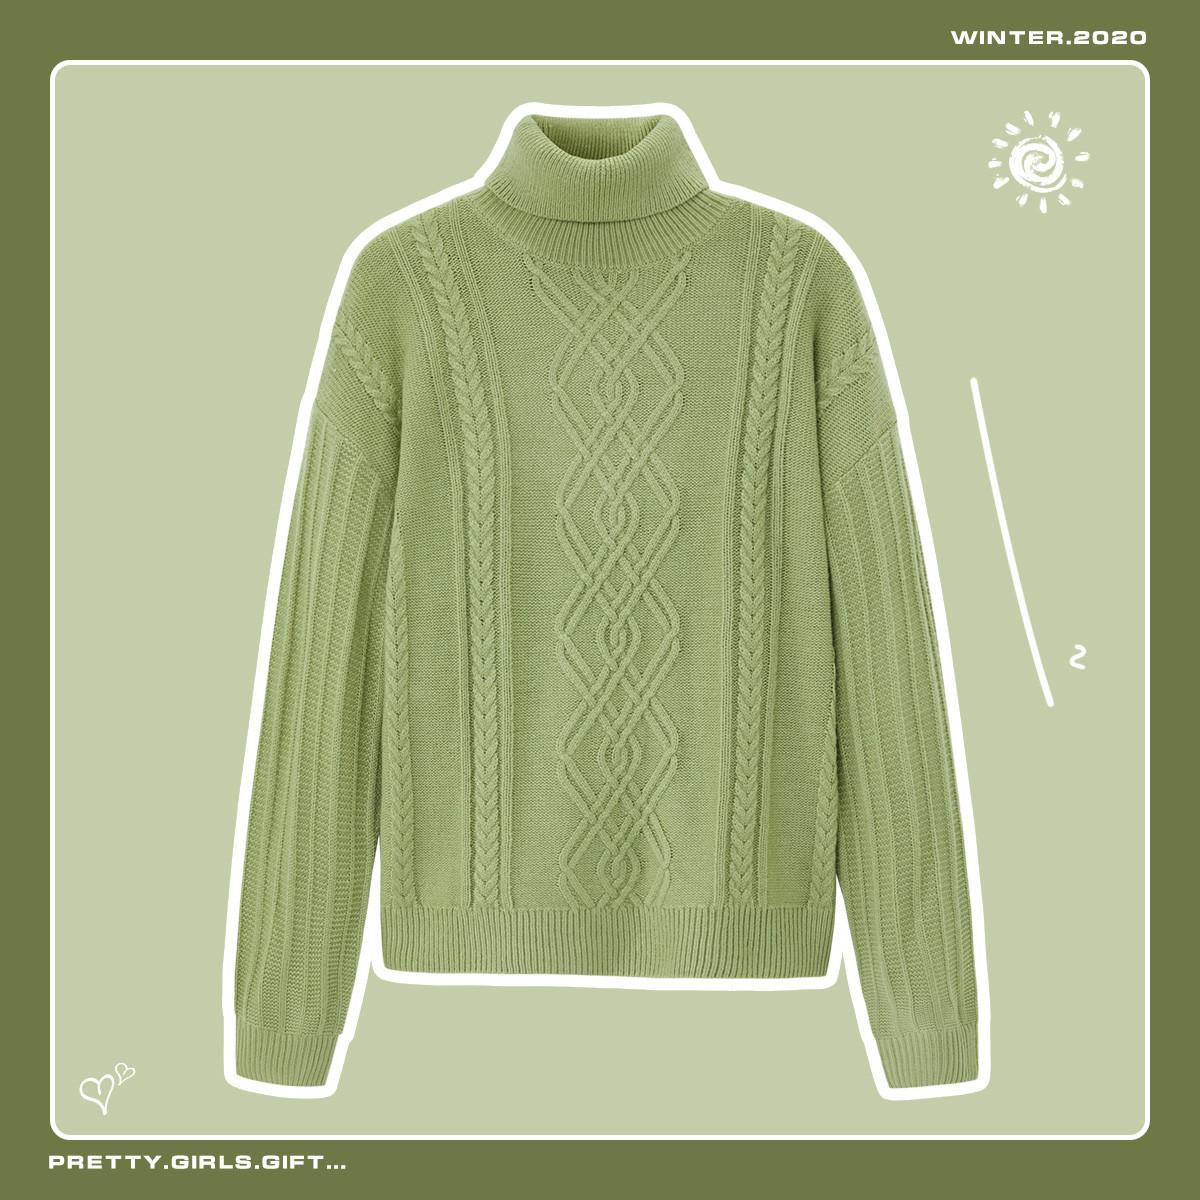 森马秋季新款针织打底衫韩版宽松外穿套头慵懒风甜美潮毛衣女